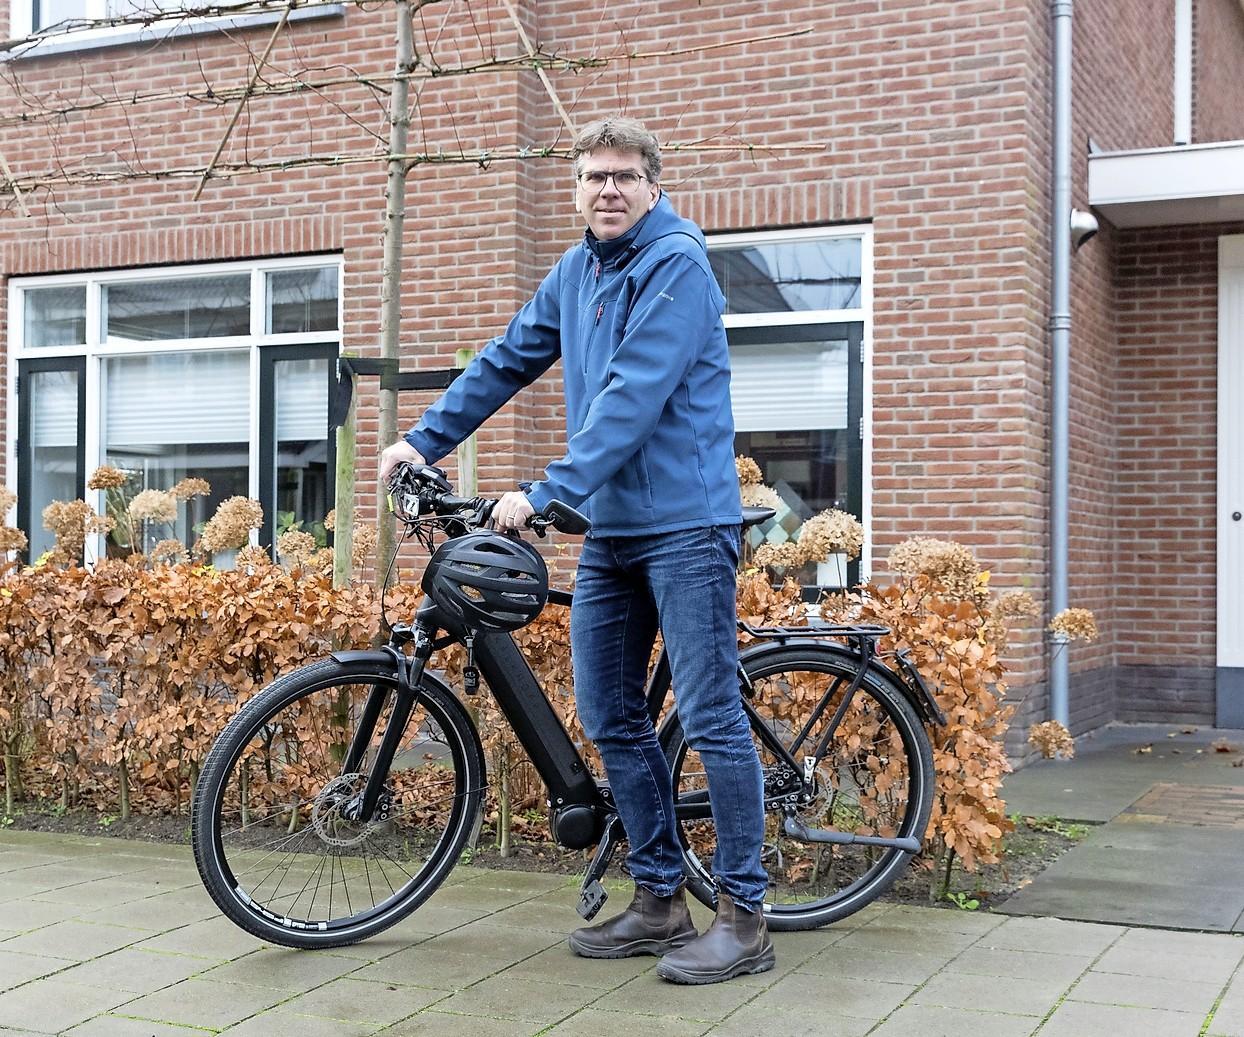 350 Mensen wachten al meer dan acht maanden op operatie in Dijklander: 'De pijn is haast ondraaglijk'